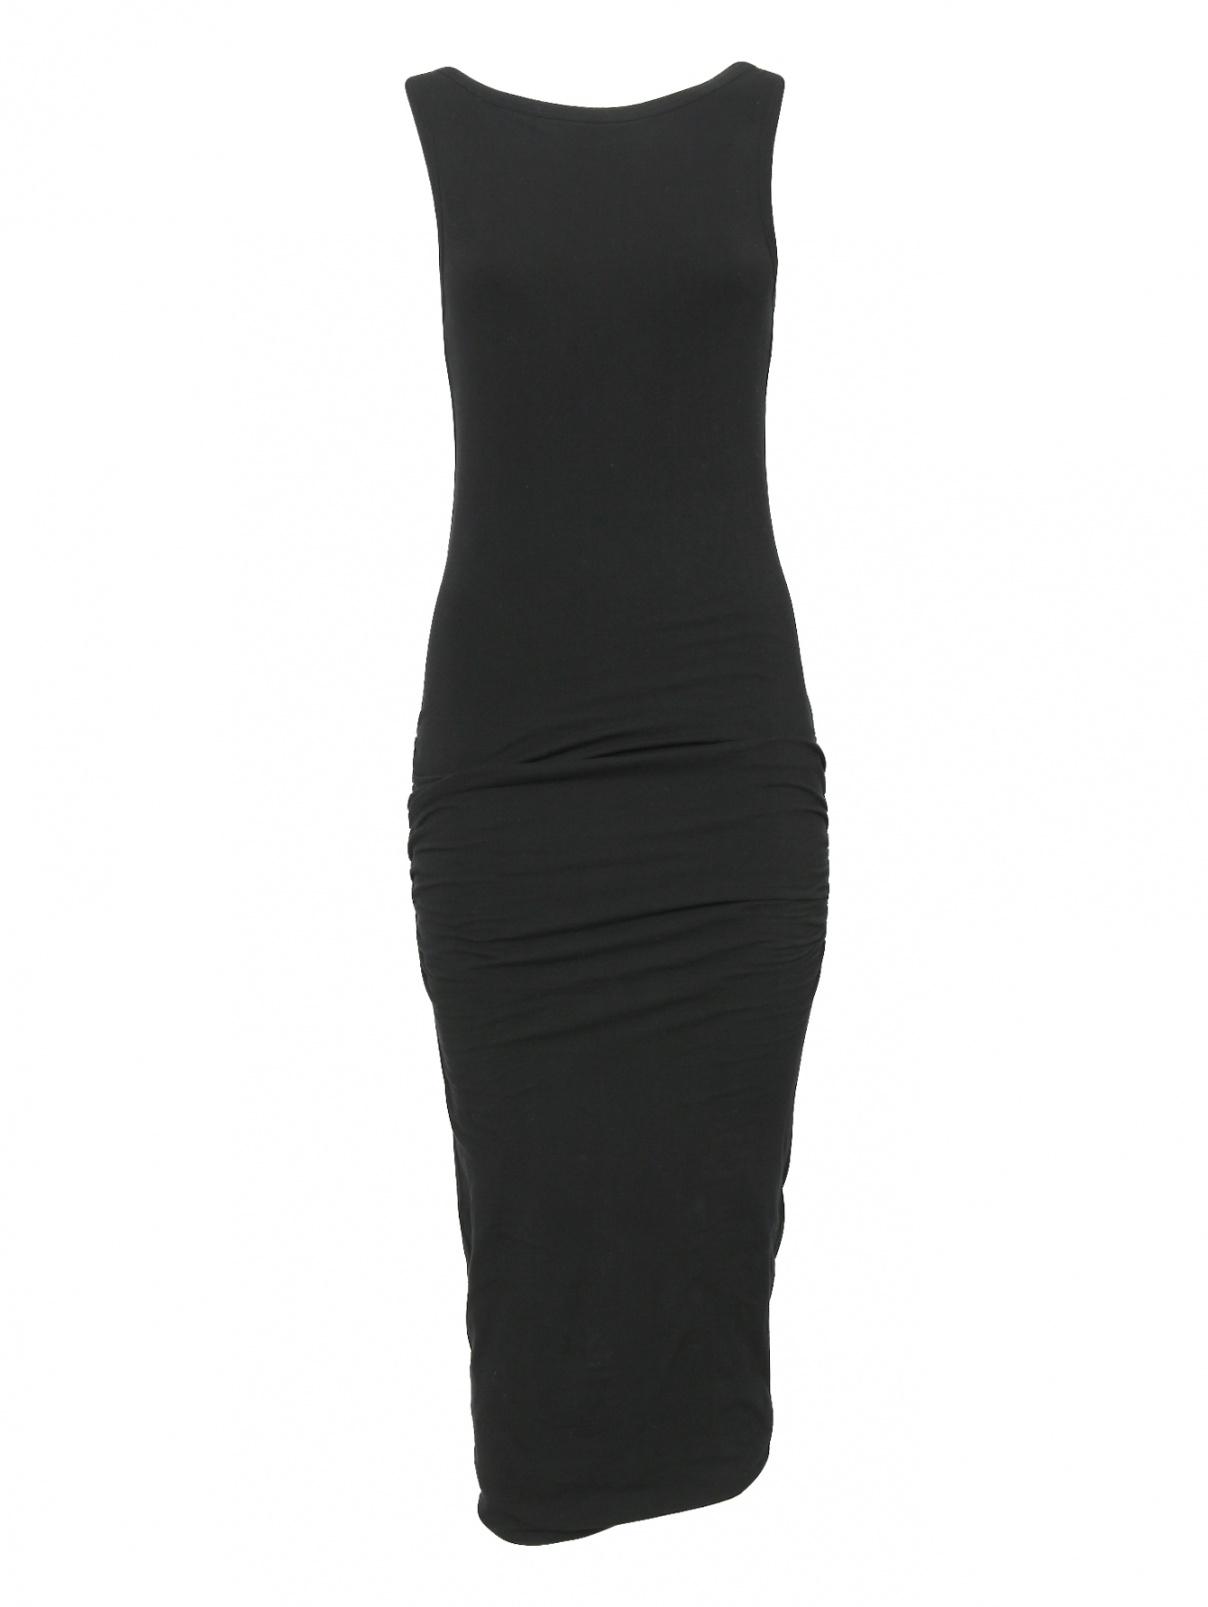 Трикотажное платье из хлопка без рукавов James Perse  –  Общий вид